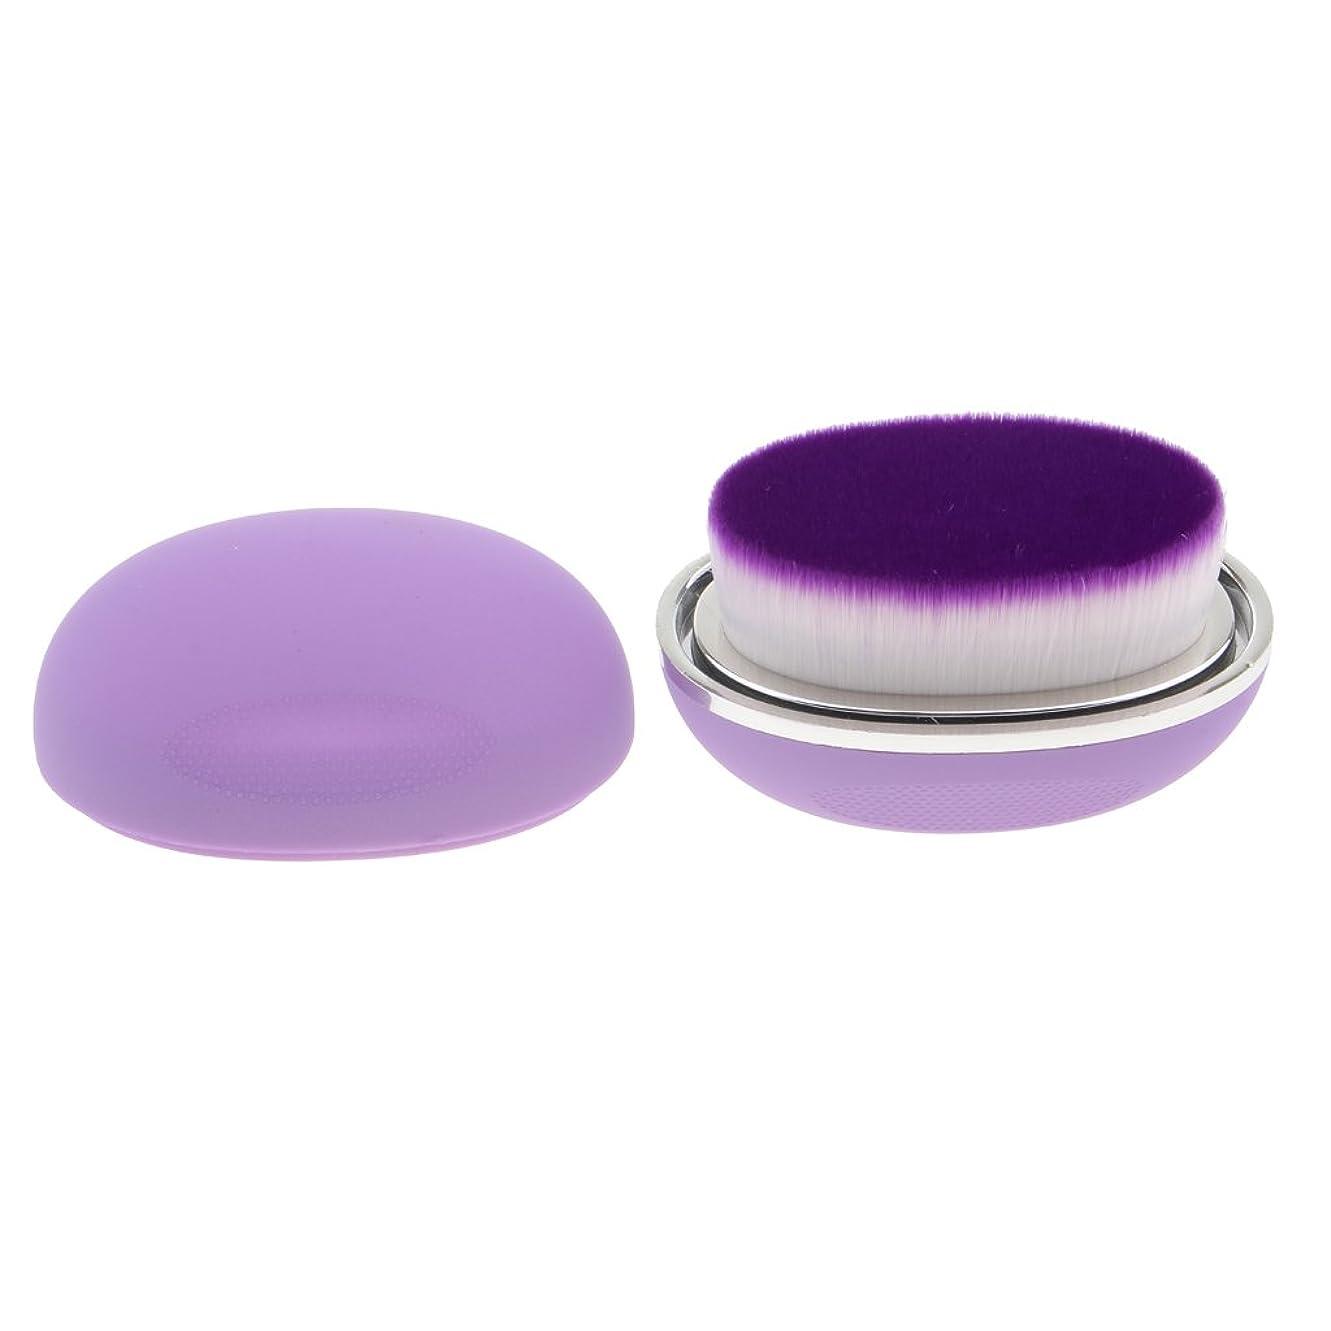 垂直スティック堂々たるPerfk ファンデーションブラシ メイクアップブラシ 柔らかい 卵形 高品質 プロ 初心者用 便利 全5色 - 紫